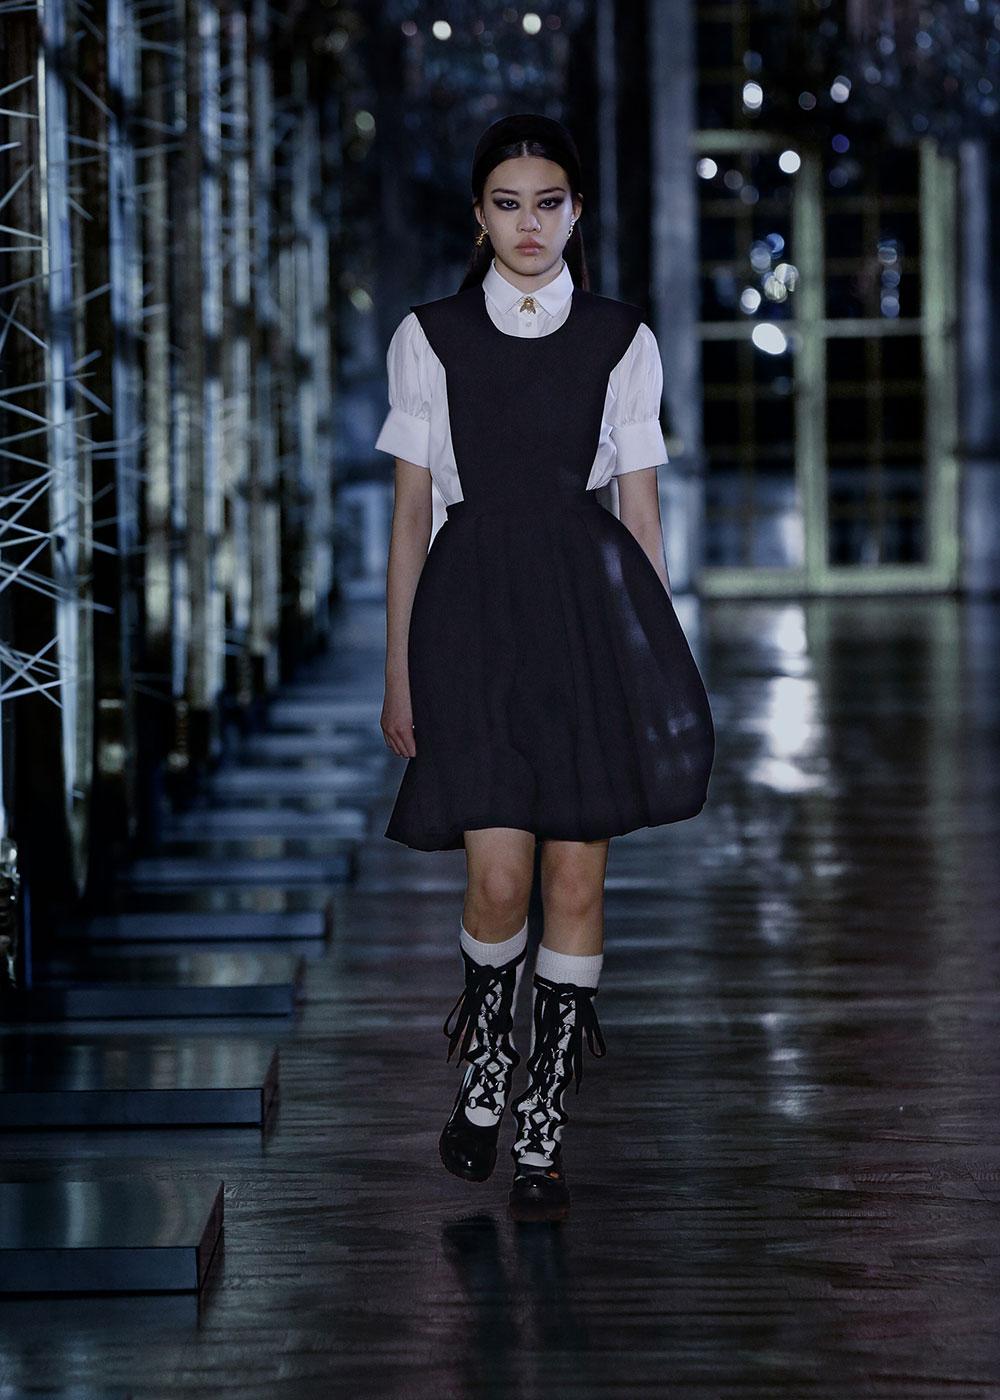 Dior lấy cảm hứng từ đại sứ Jisoo cho bộ sưu tập Thu Đông 2021 2